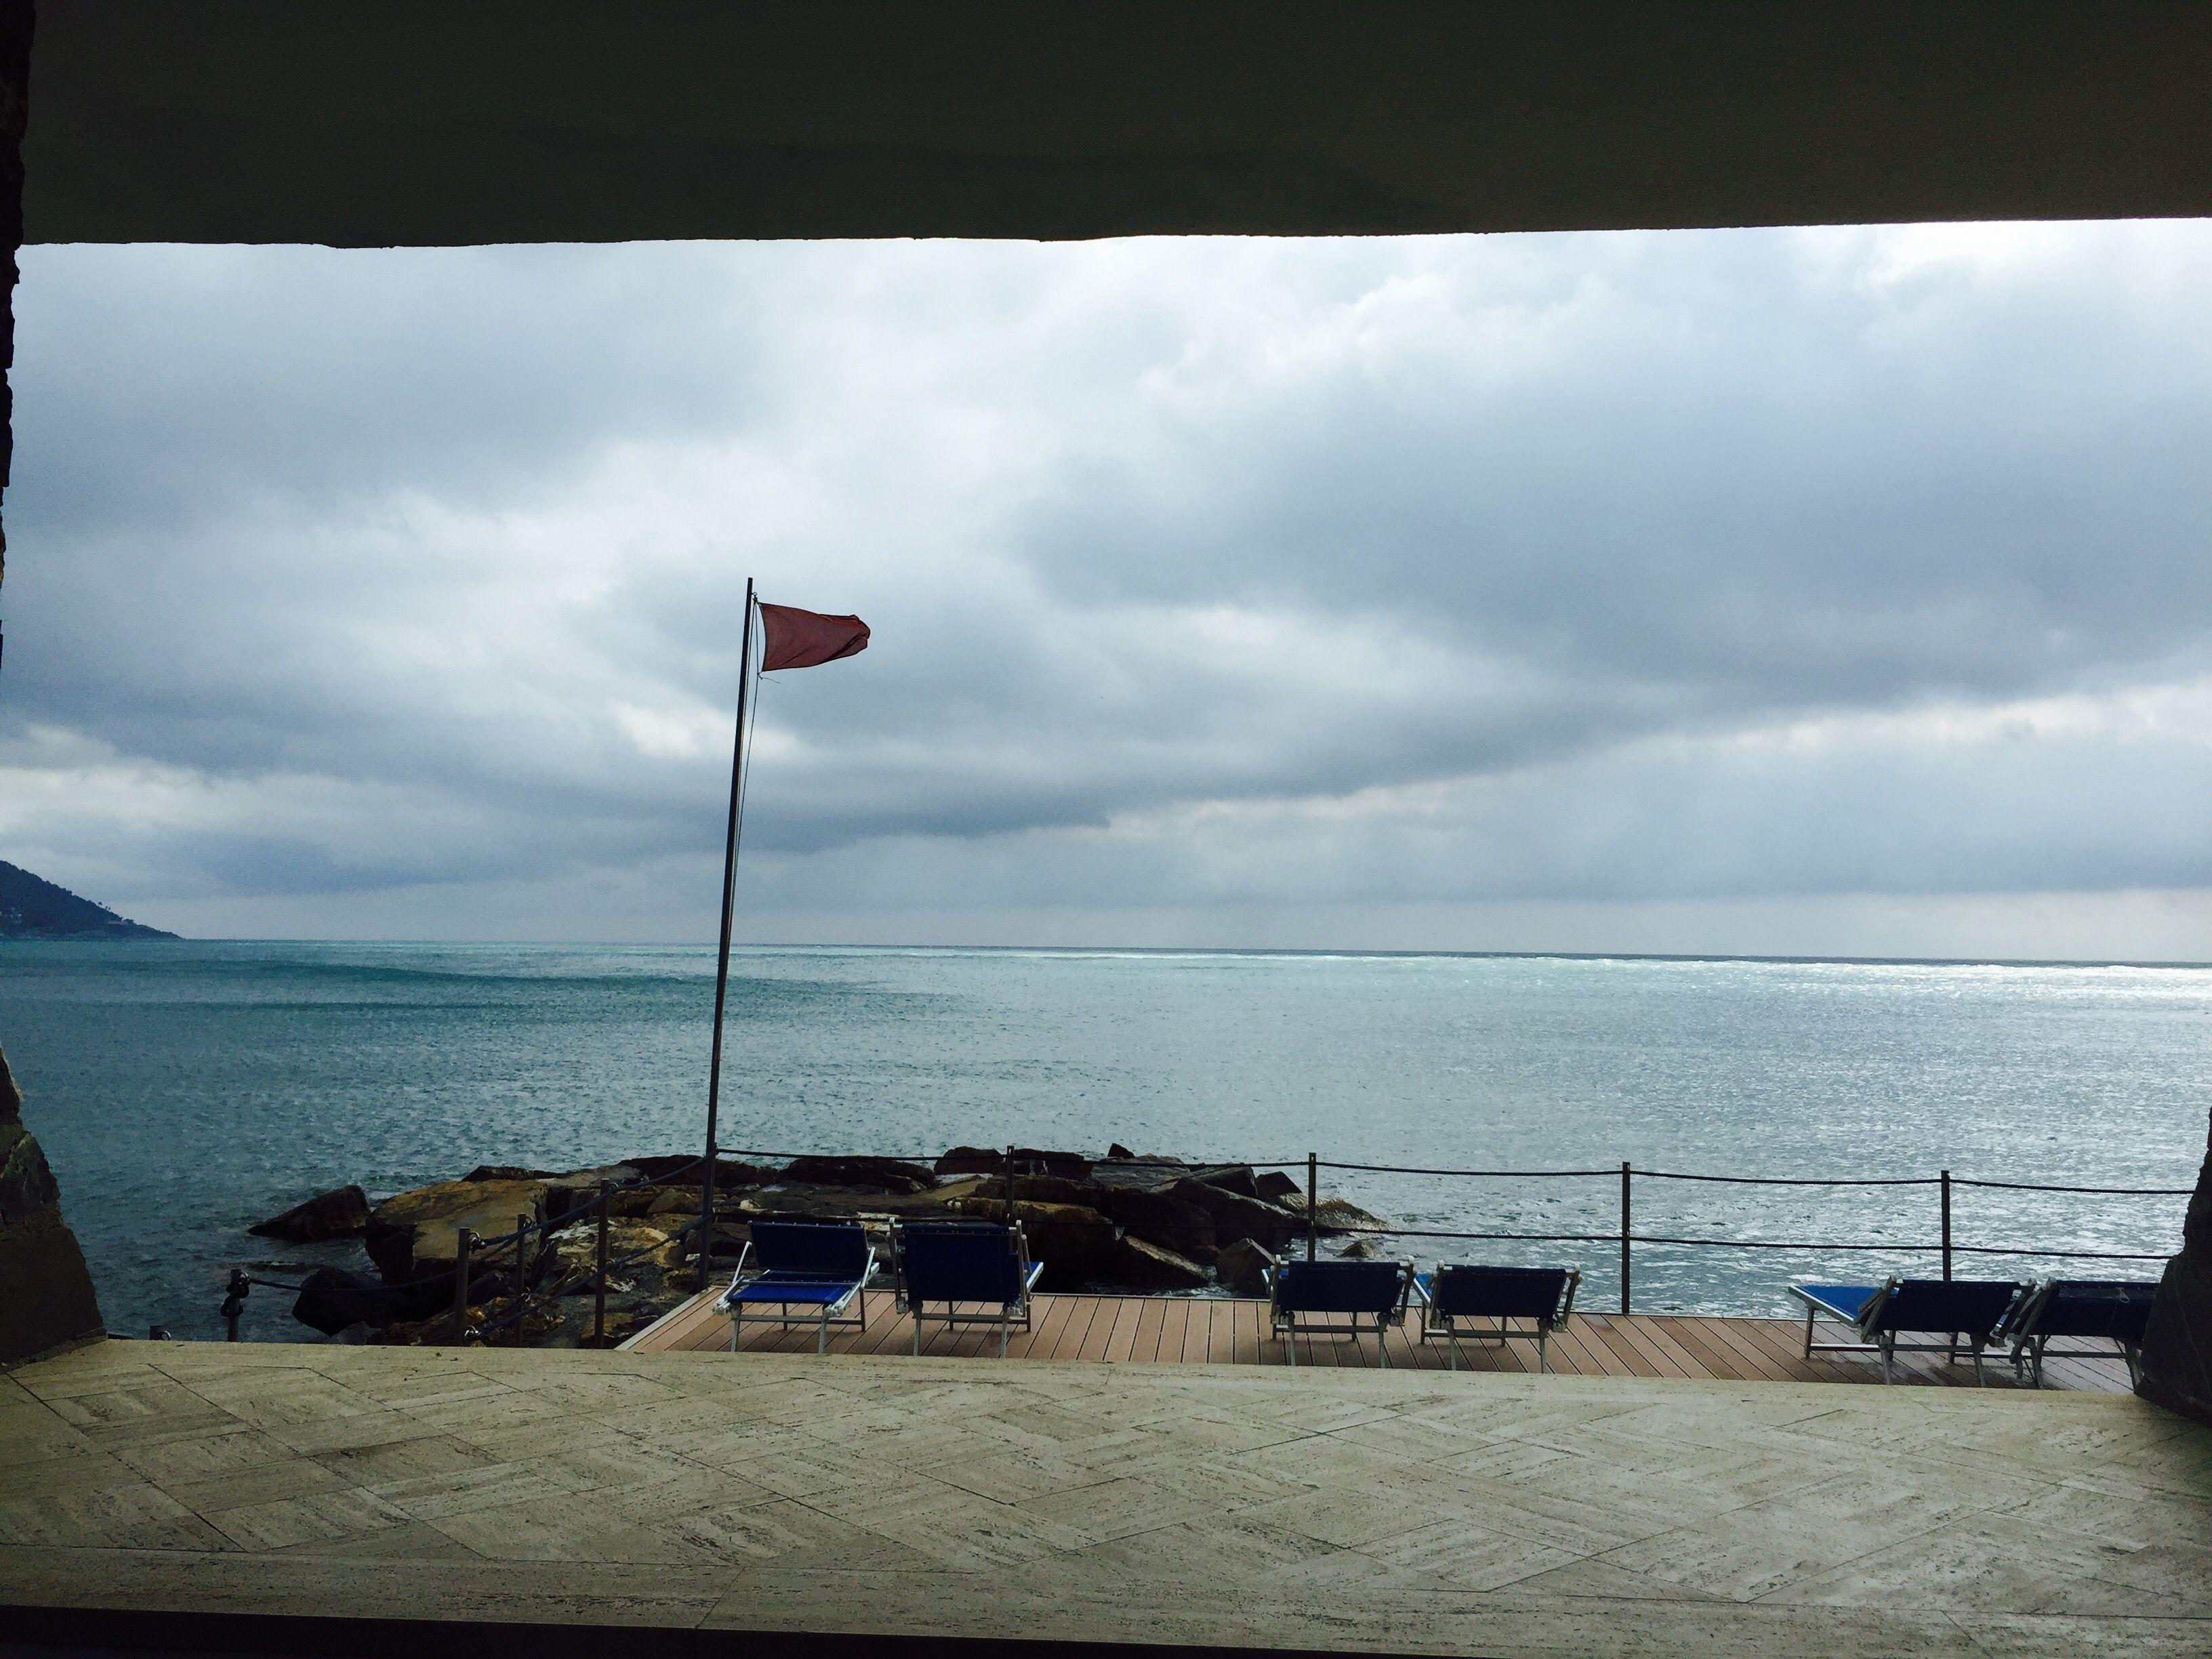 #mare #dianomarina #1maggio  momenti di rela insieme #PaoloMittino